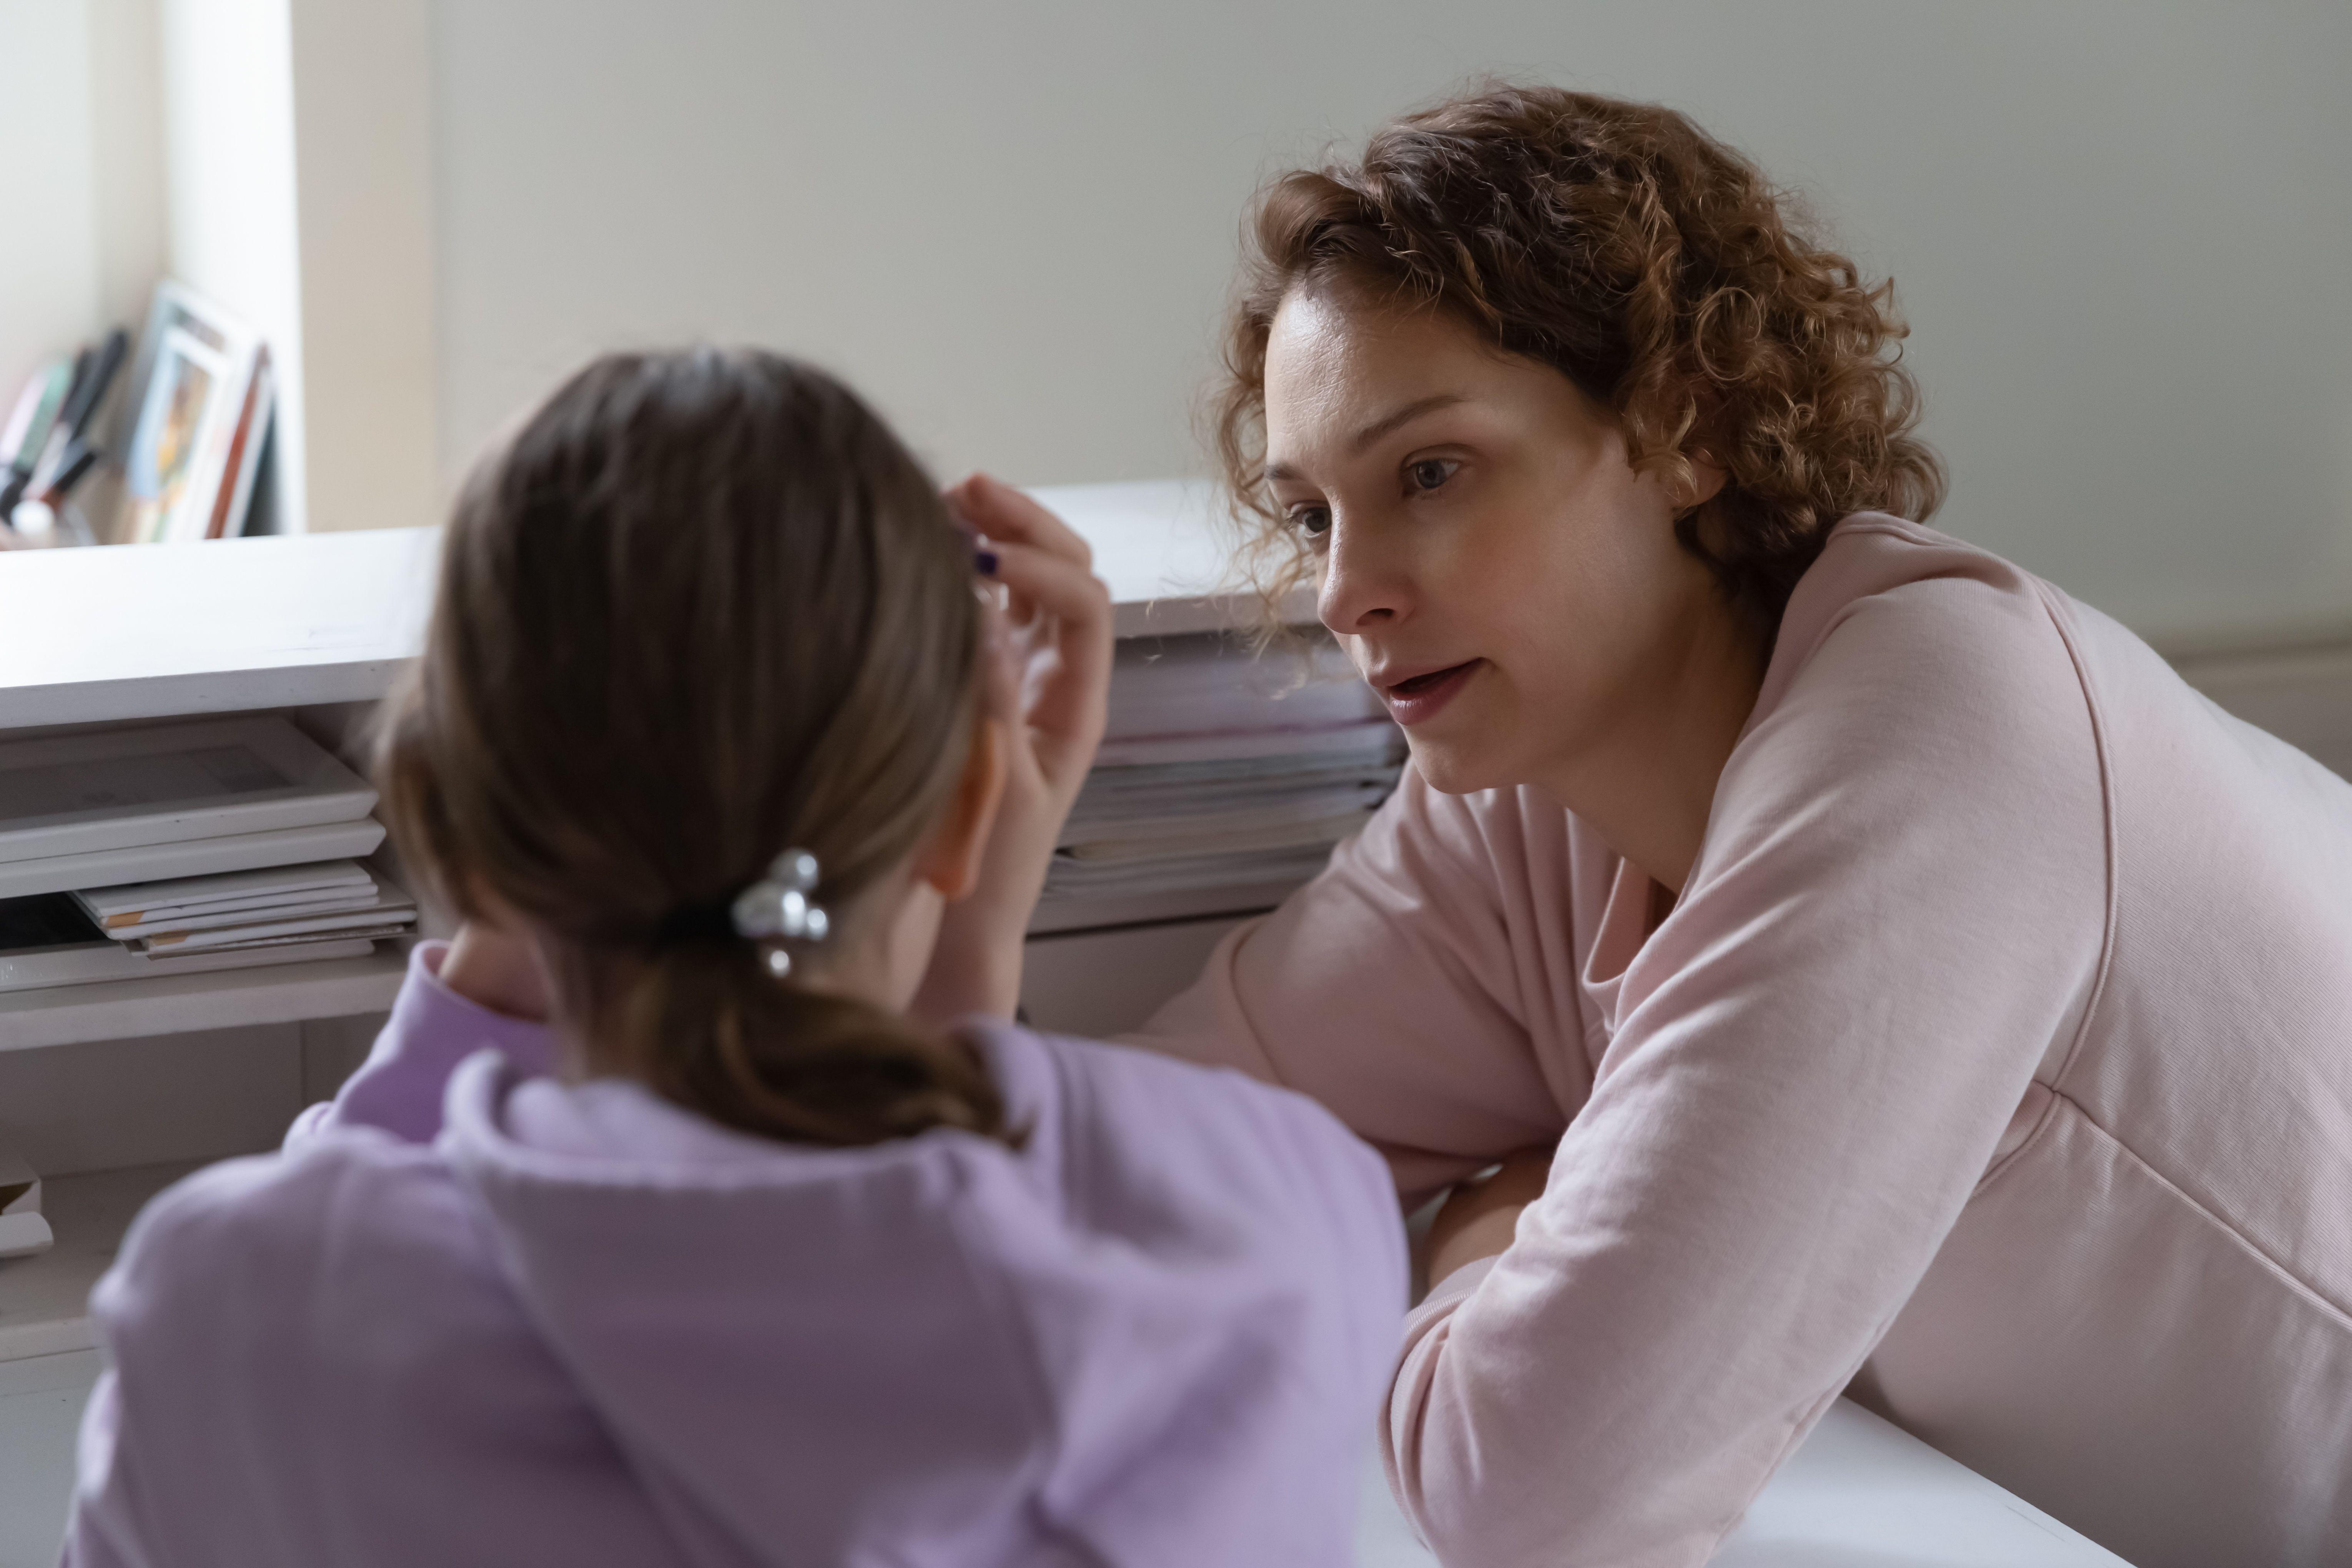 FORSTÅ: Det kan være vanskelig å oppleve at foreldrene dine ikke forstår deg. Vi har 10 gode tips til deg når du skal snakke med foreldrene dine om viktige ting. Foto: Colourbox.